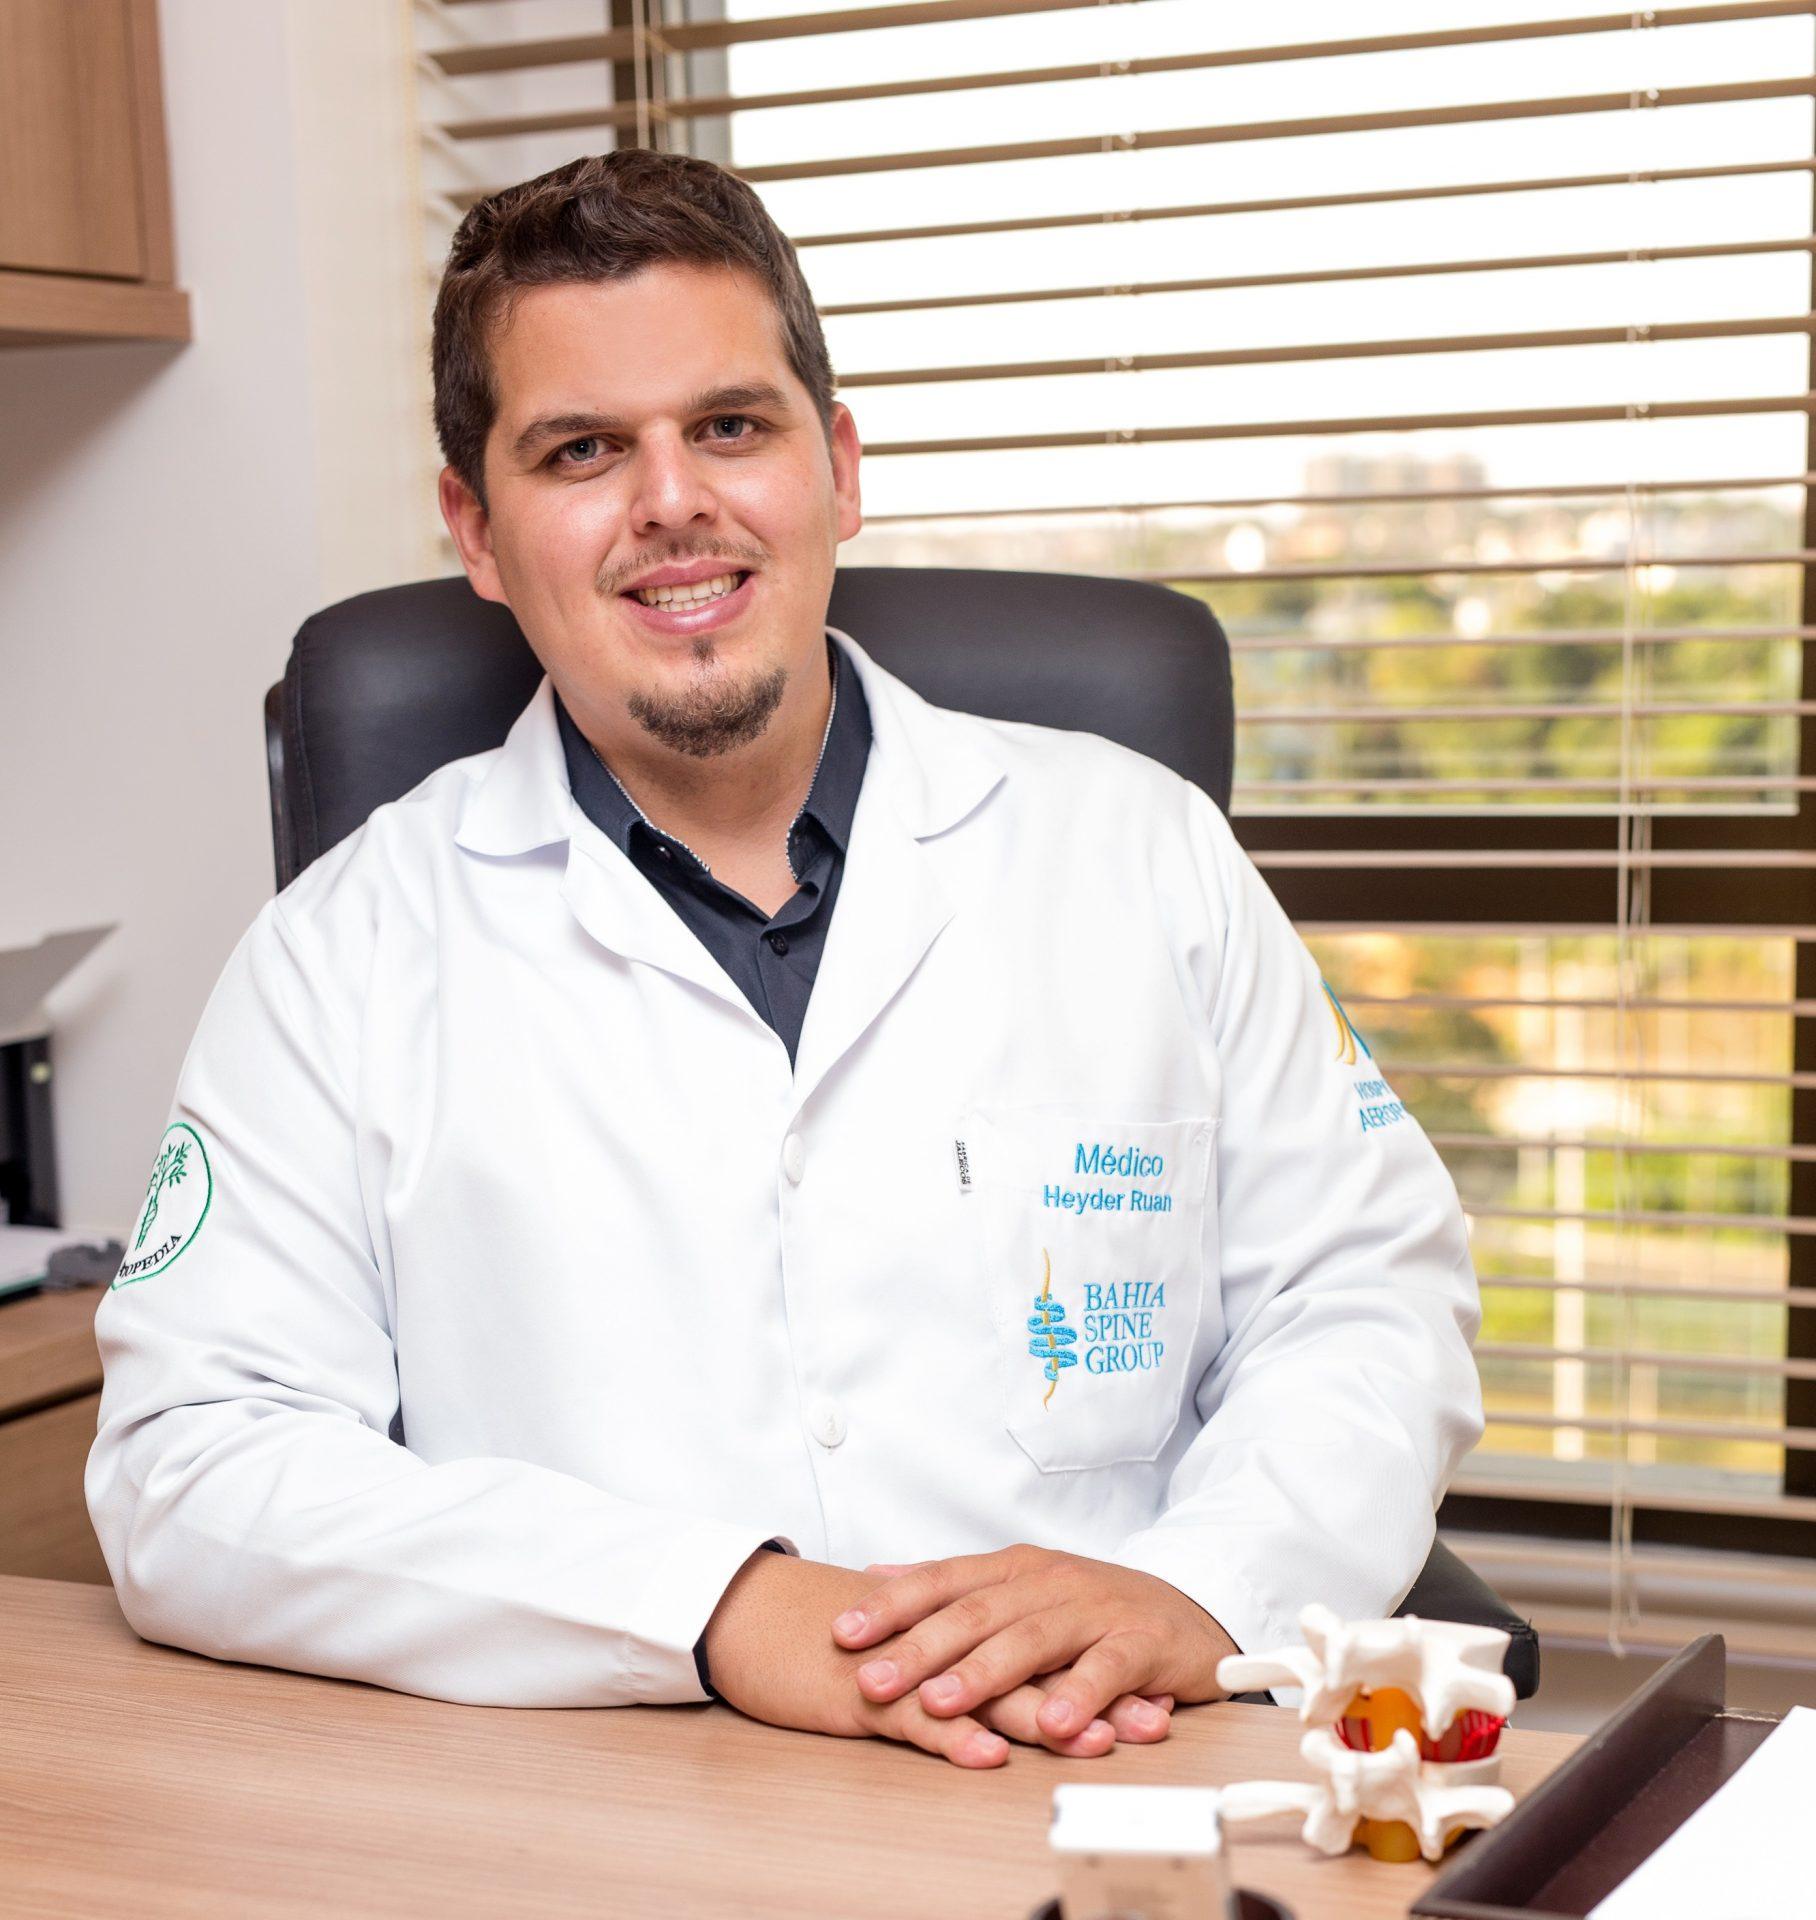 Dr. Heyder Ruan Alves